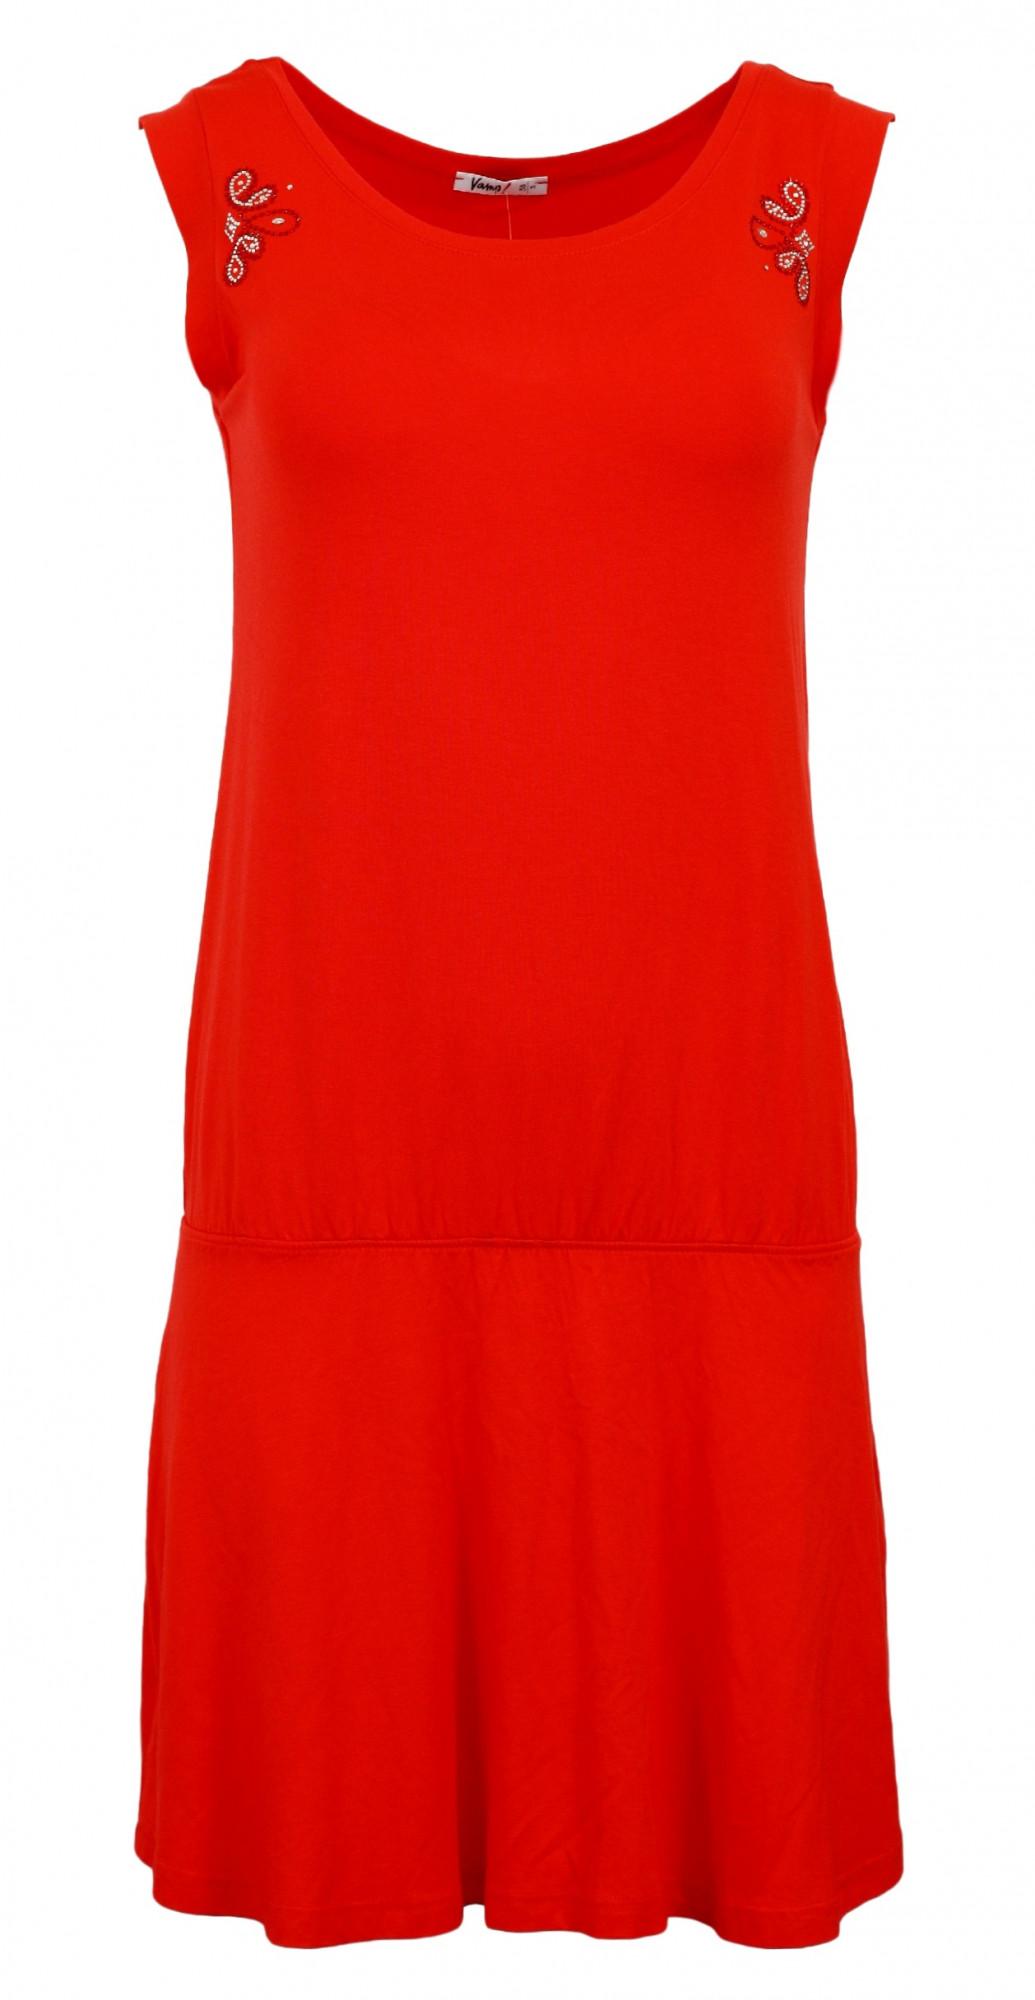 Plážové šaty 4642 - Vamp Barva: oranžová, Velikost: XS